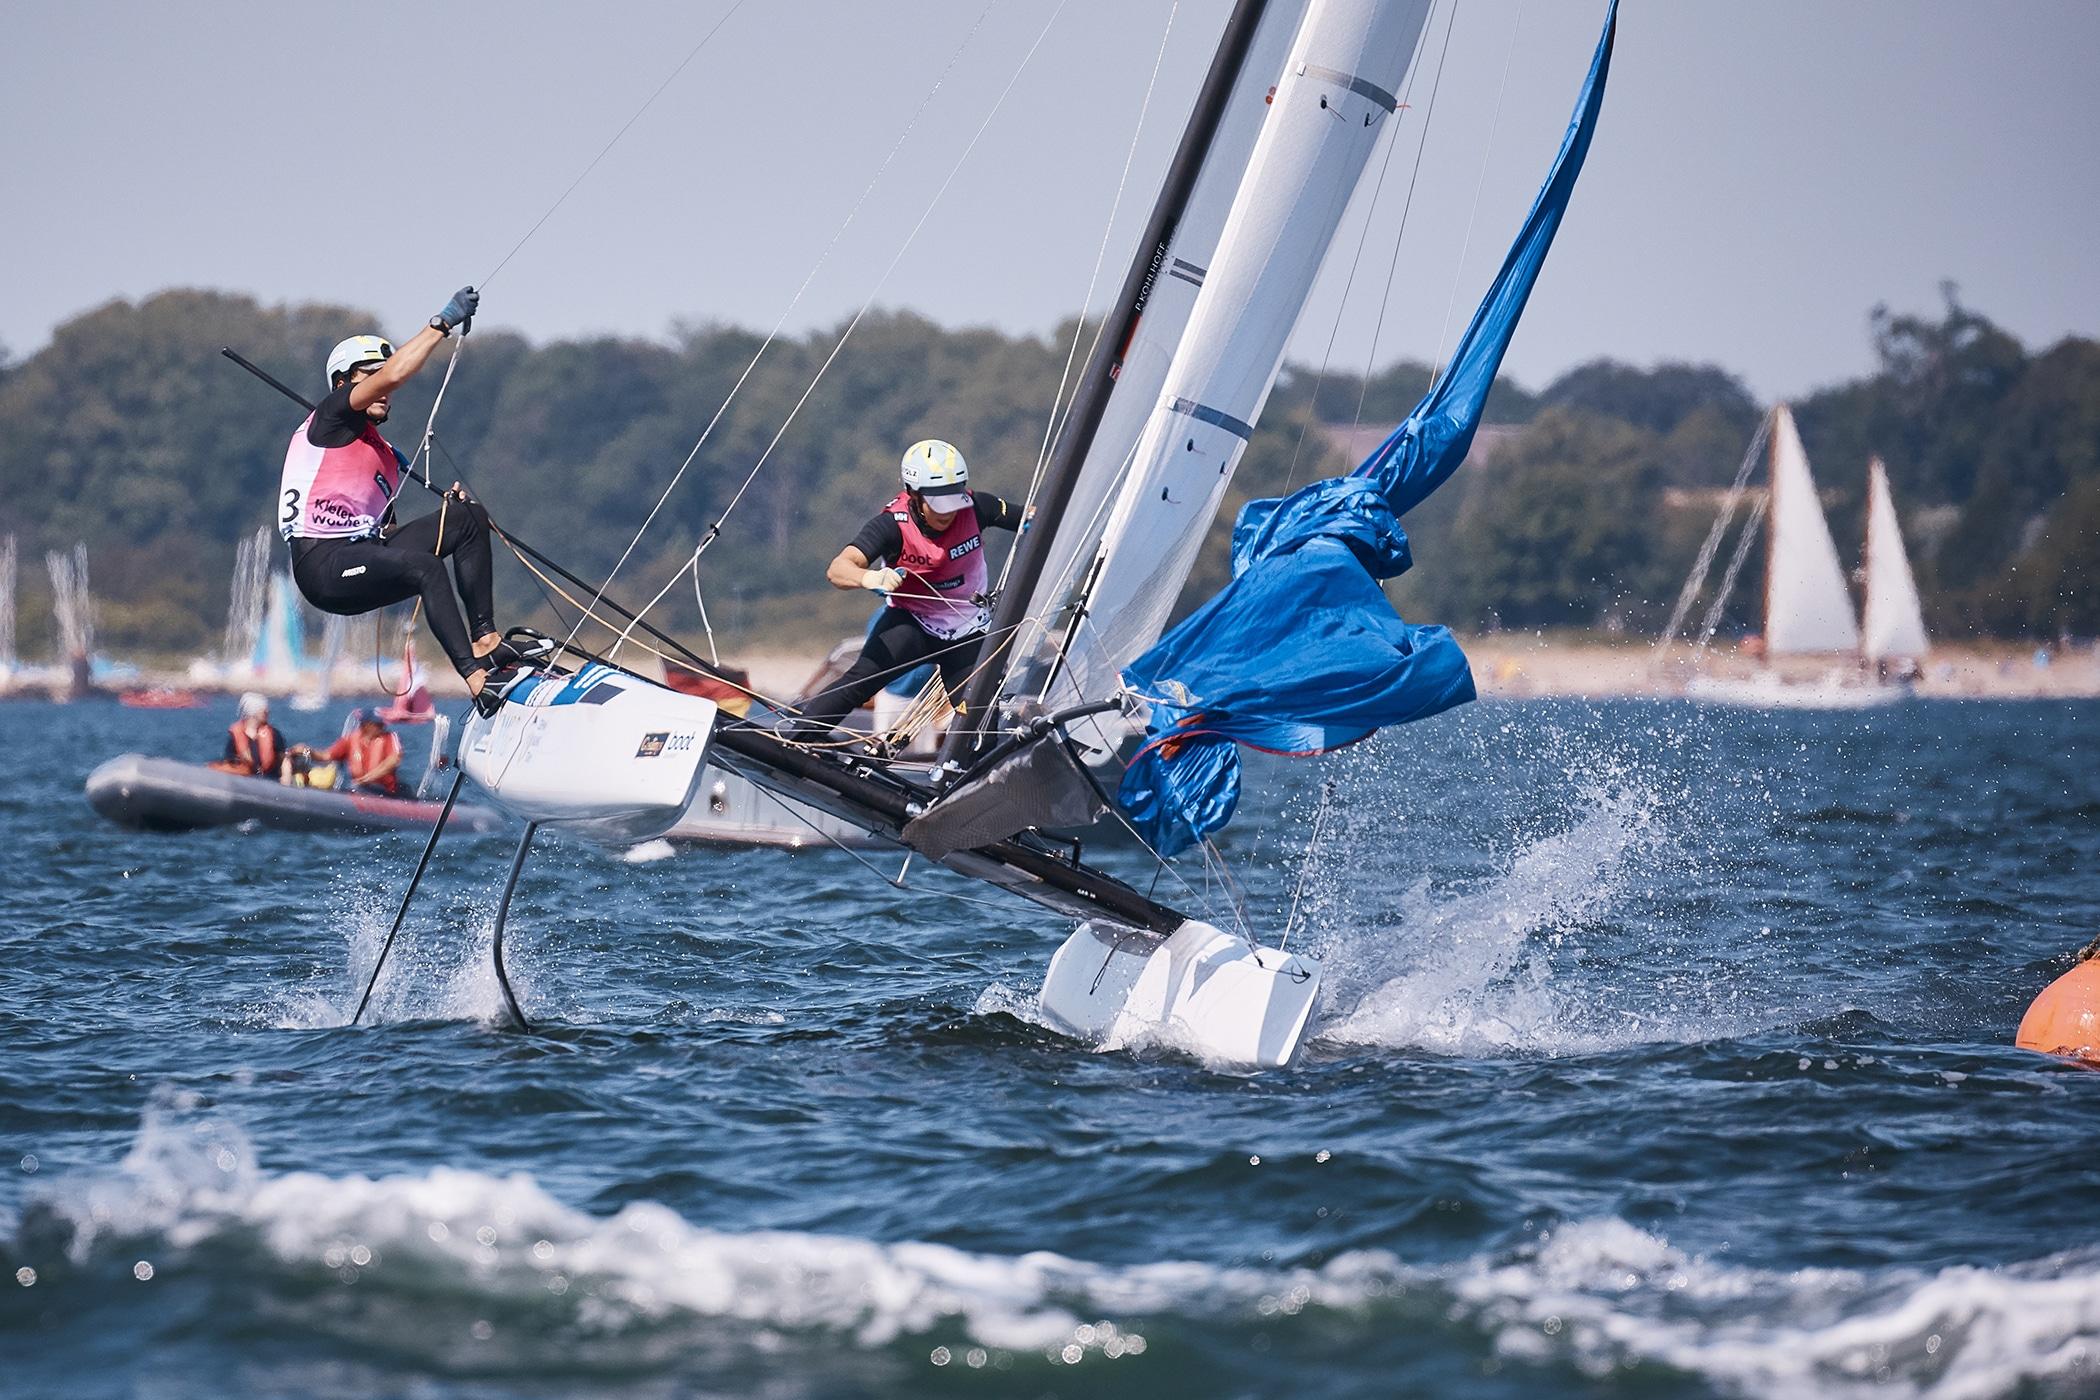 Alica Stuhlemmer und Paul Kohlhoff dominierten die Kieler Woche bis zum Medal Race. Foto: DSV/Felix Diemer